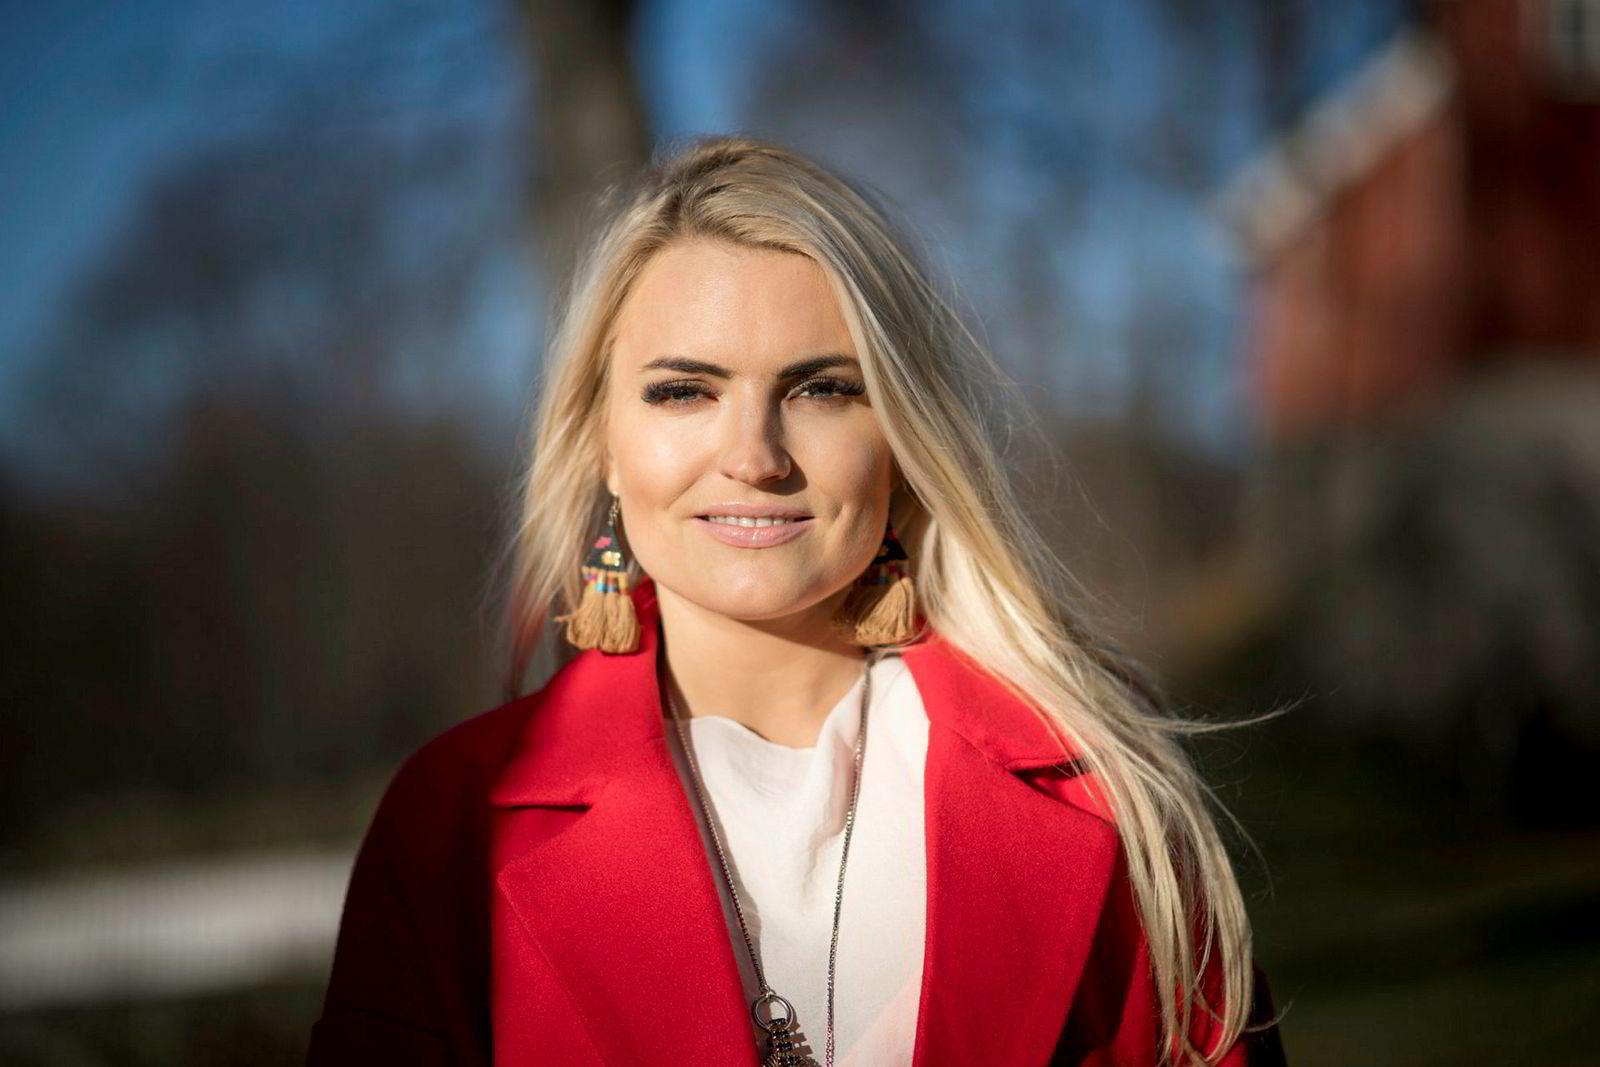 Isabelle Ringnes er en av kvinnene bak kampanjen #Hunspanderer, og blant dem som jobber aktivt for å fremme likestilling i næringslivet.